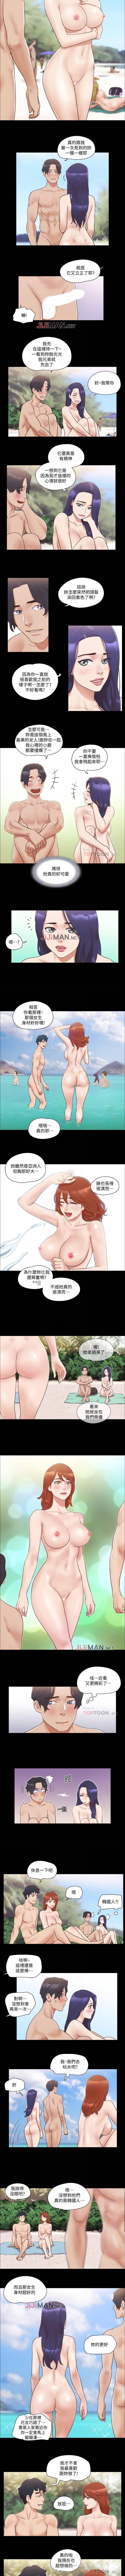 【周五连载】协议换爱(作者:遠德) 第1~57话 201